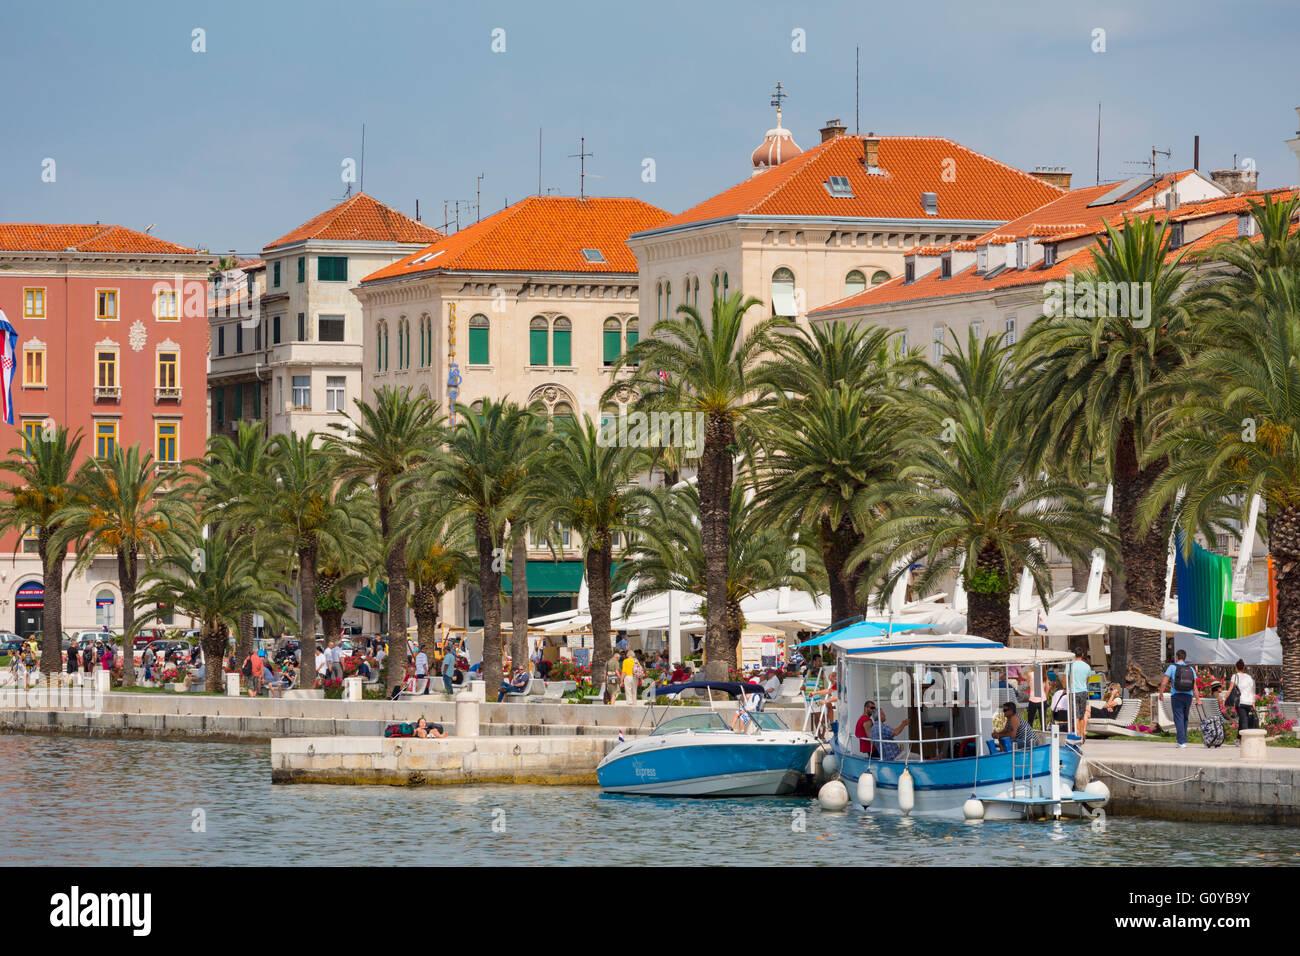 Split, Dalmatien, Kroatien.  Der Hafen.  Das historische Zentrum von Split ist ein UNESCO-Weltkulturerbe. Stockbild